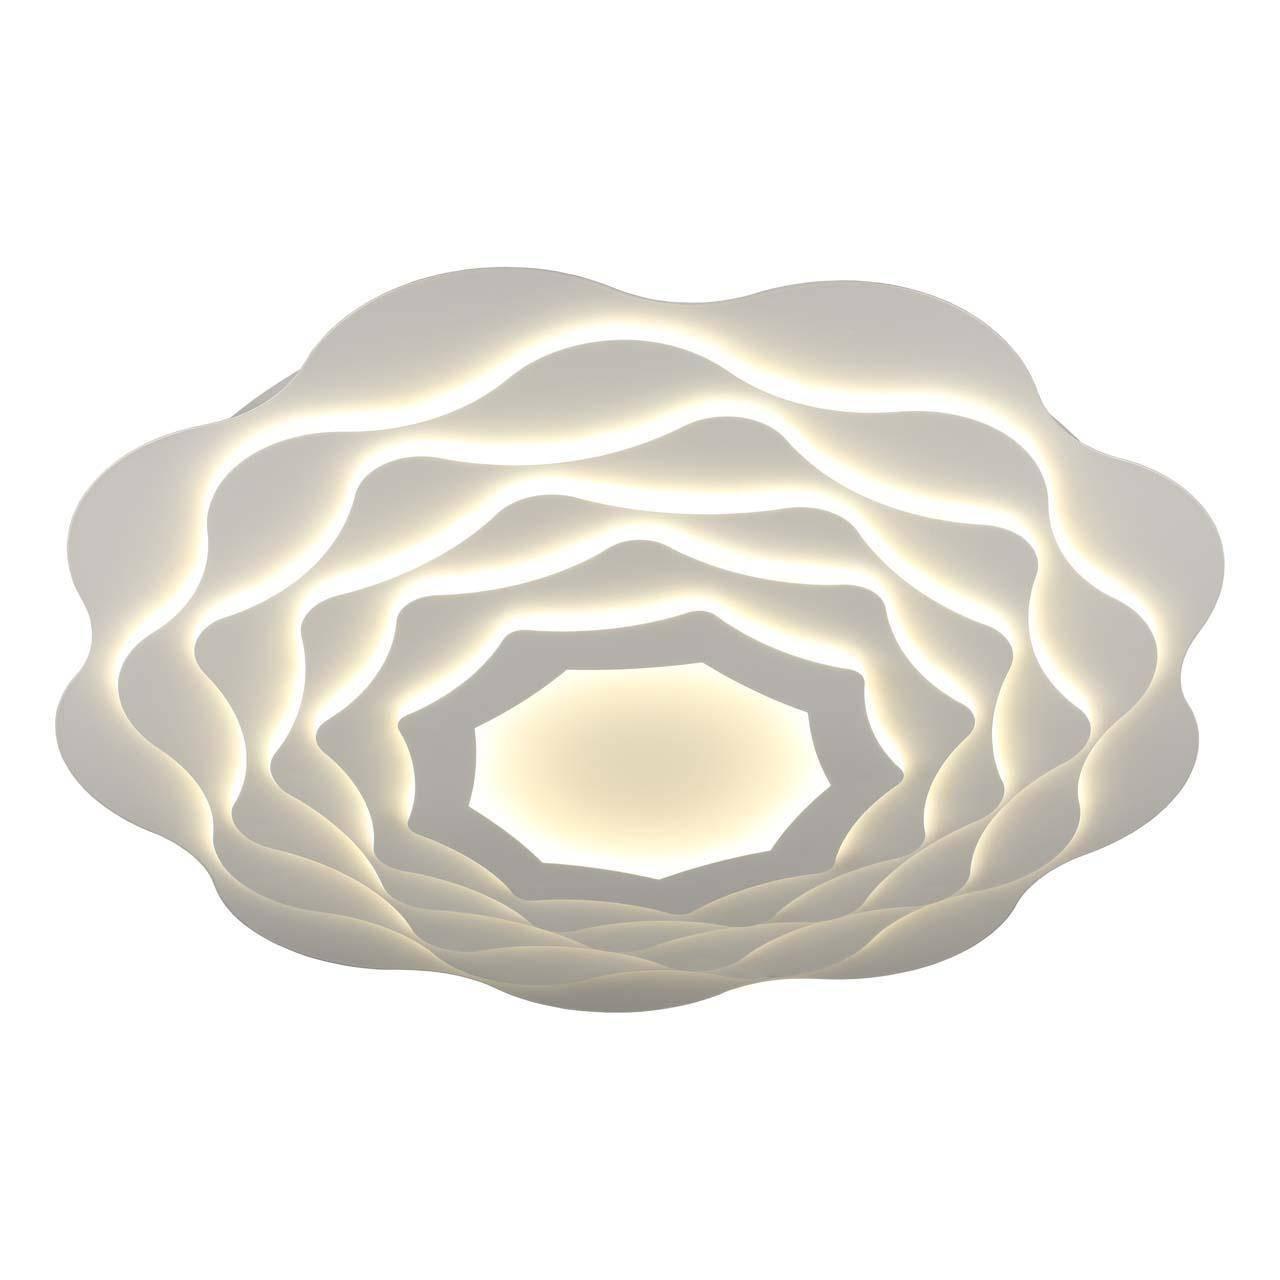 Потолочная светодиодная люстра Omnilux Varedo OML-07907-344